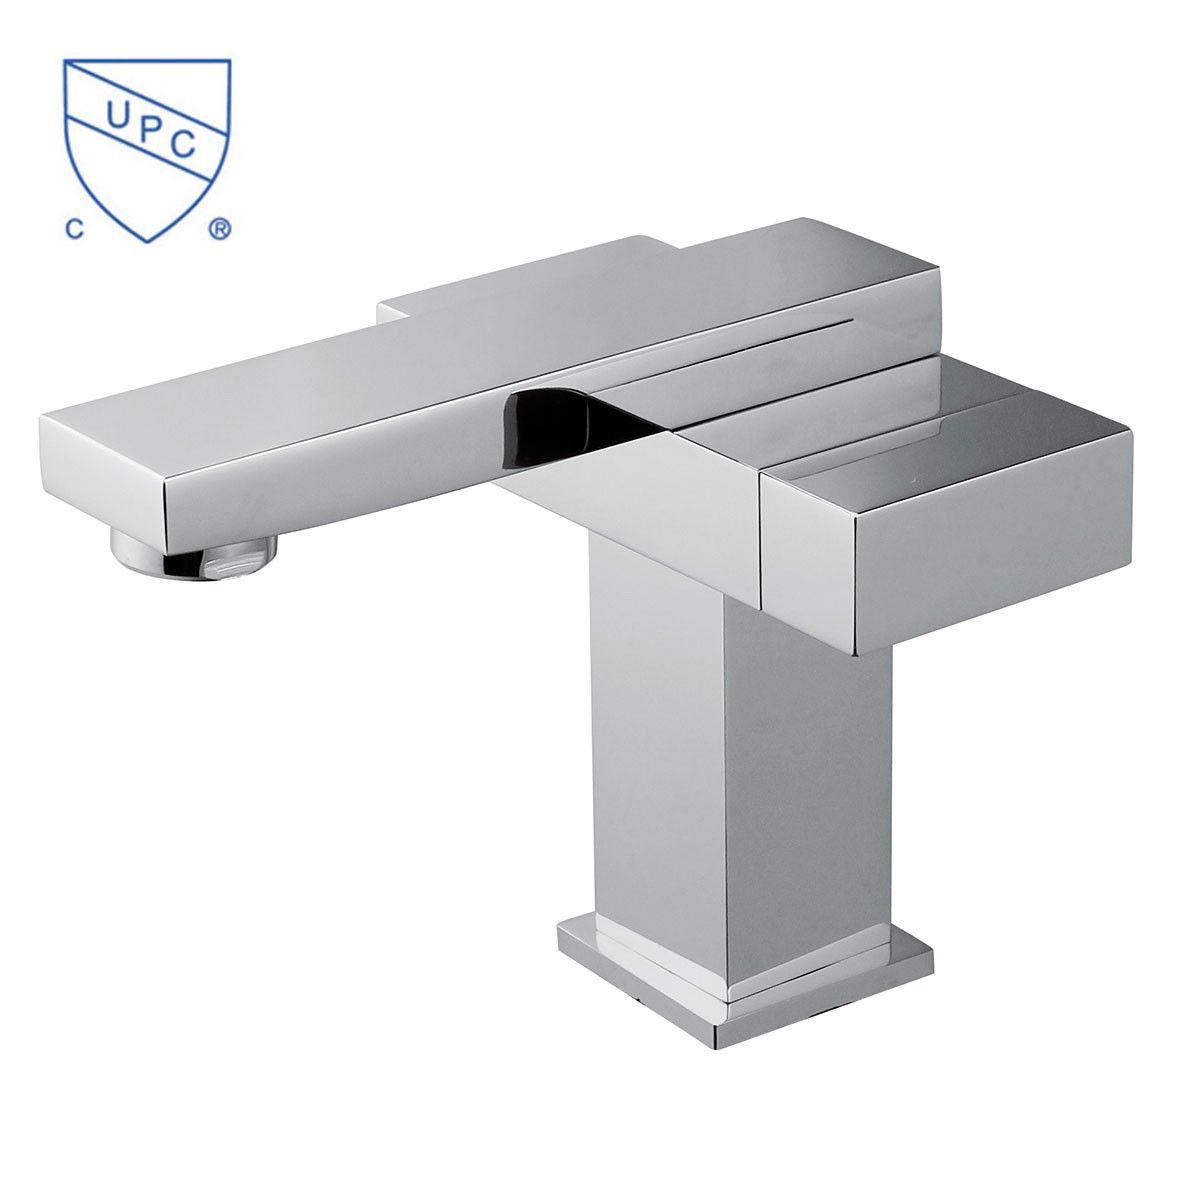 robinet de lavabo vasque simple trou double levier laiton fini chrome 6051 decoraport canada. Black Bedroom Furniture Sets. Home Design Ideas